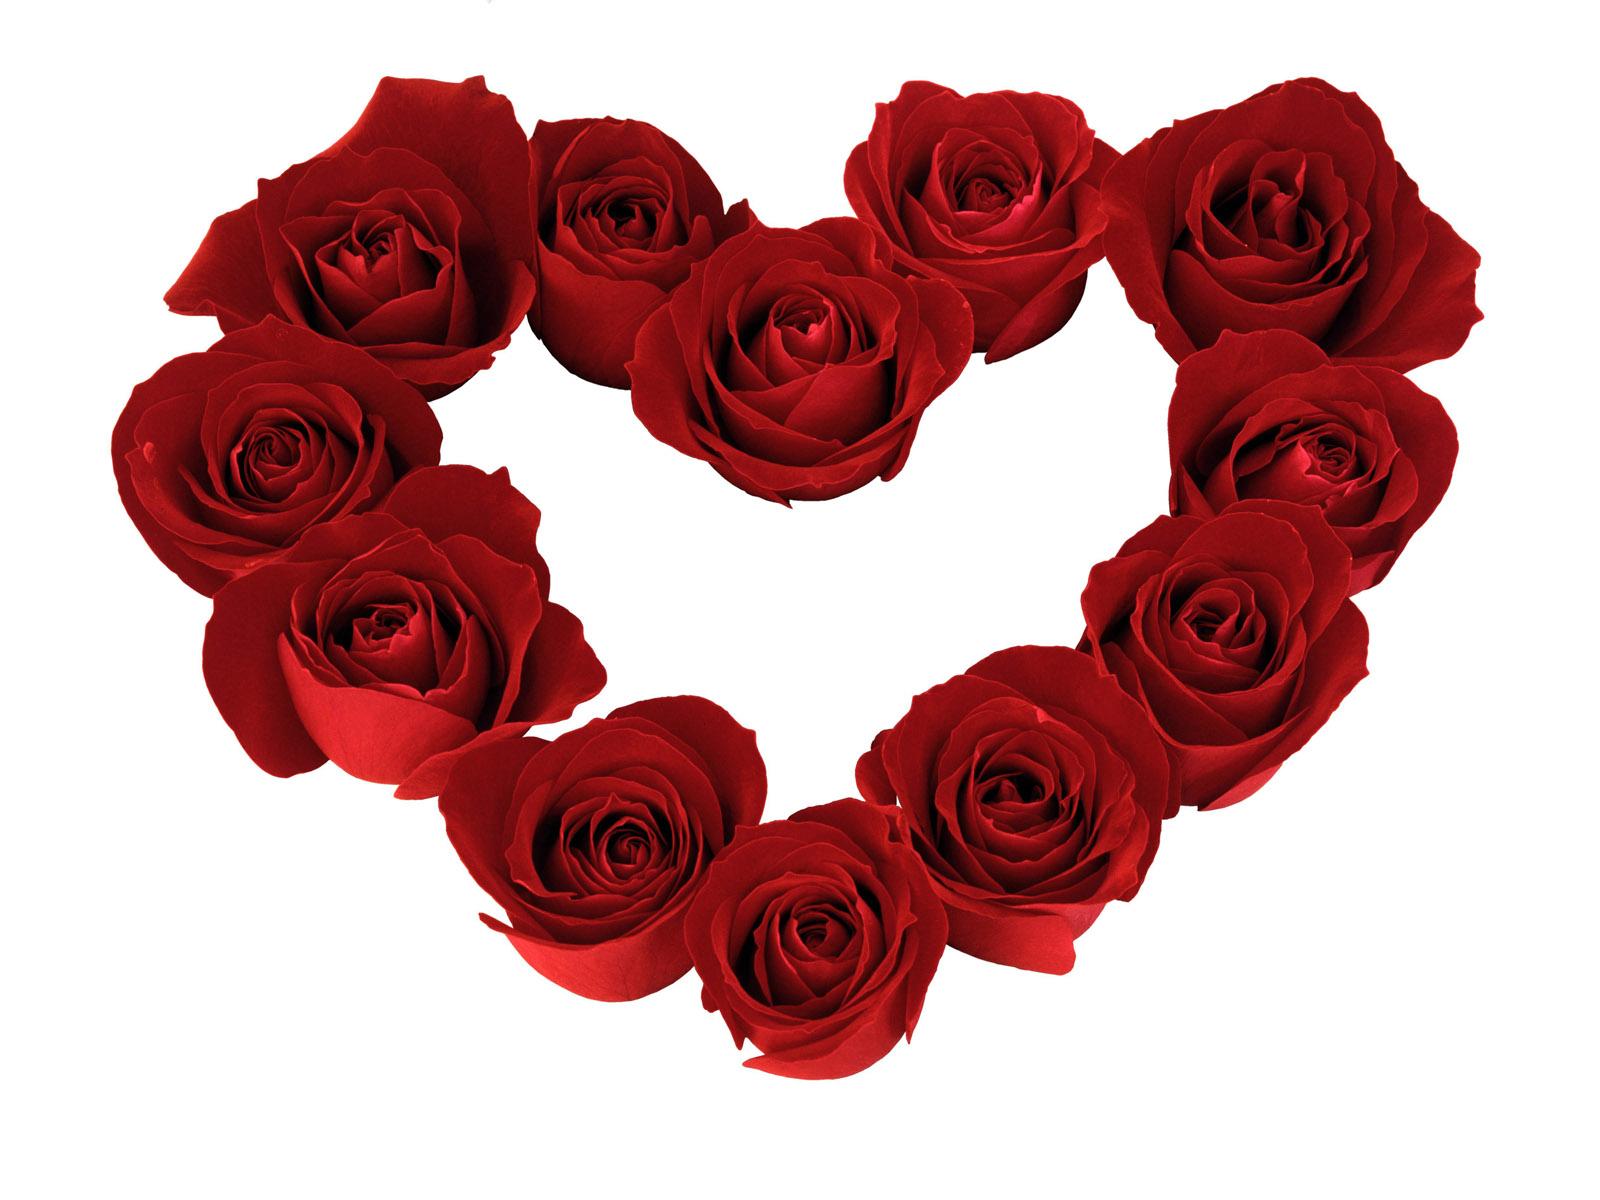 Fotografias de corazones de flores - Fotografias y fotos para imprimir